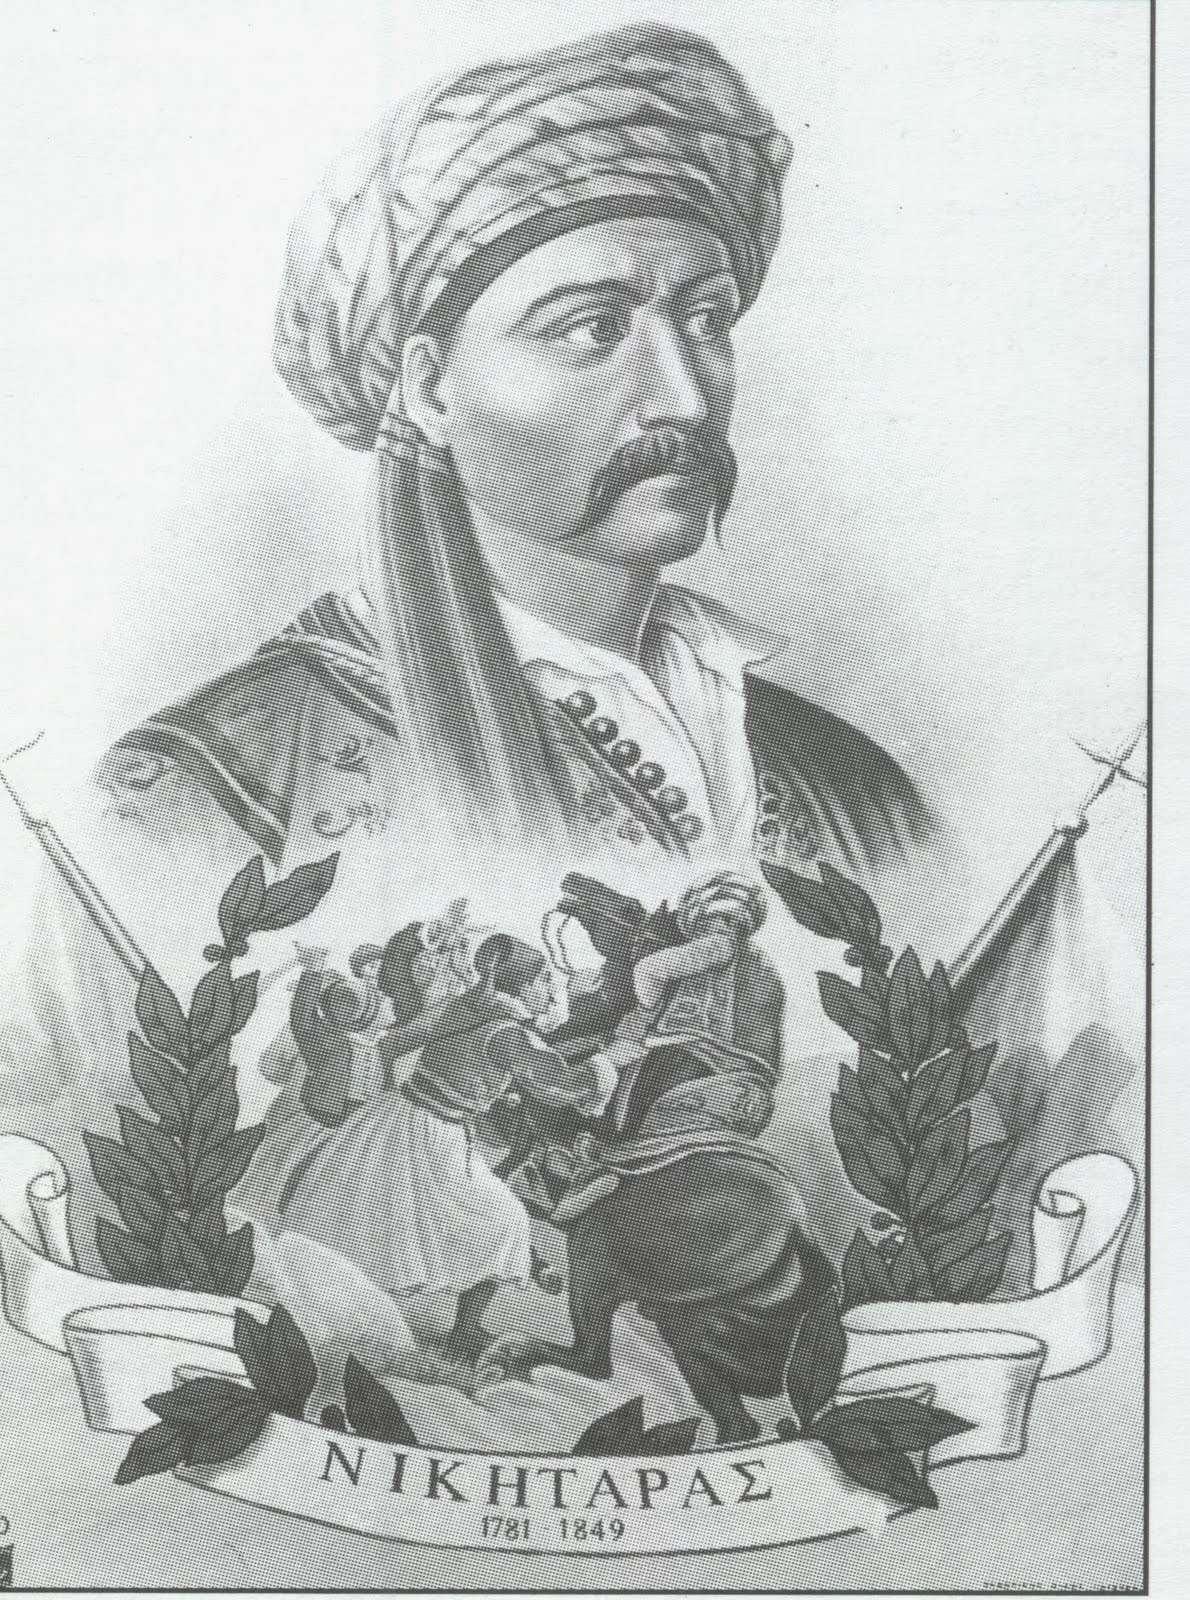 Ο Νικηταράς ήταν Αρκάς. Γεννήθηκε στο χωριό Τουρκολέκα της Μεγαλόπολης το 1782 και πατέρας του ήταν ο κλέφτης Σταματέλος Τουρκολέκας.